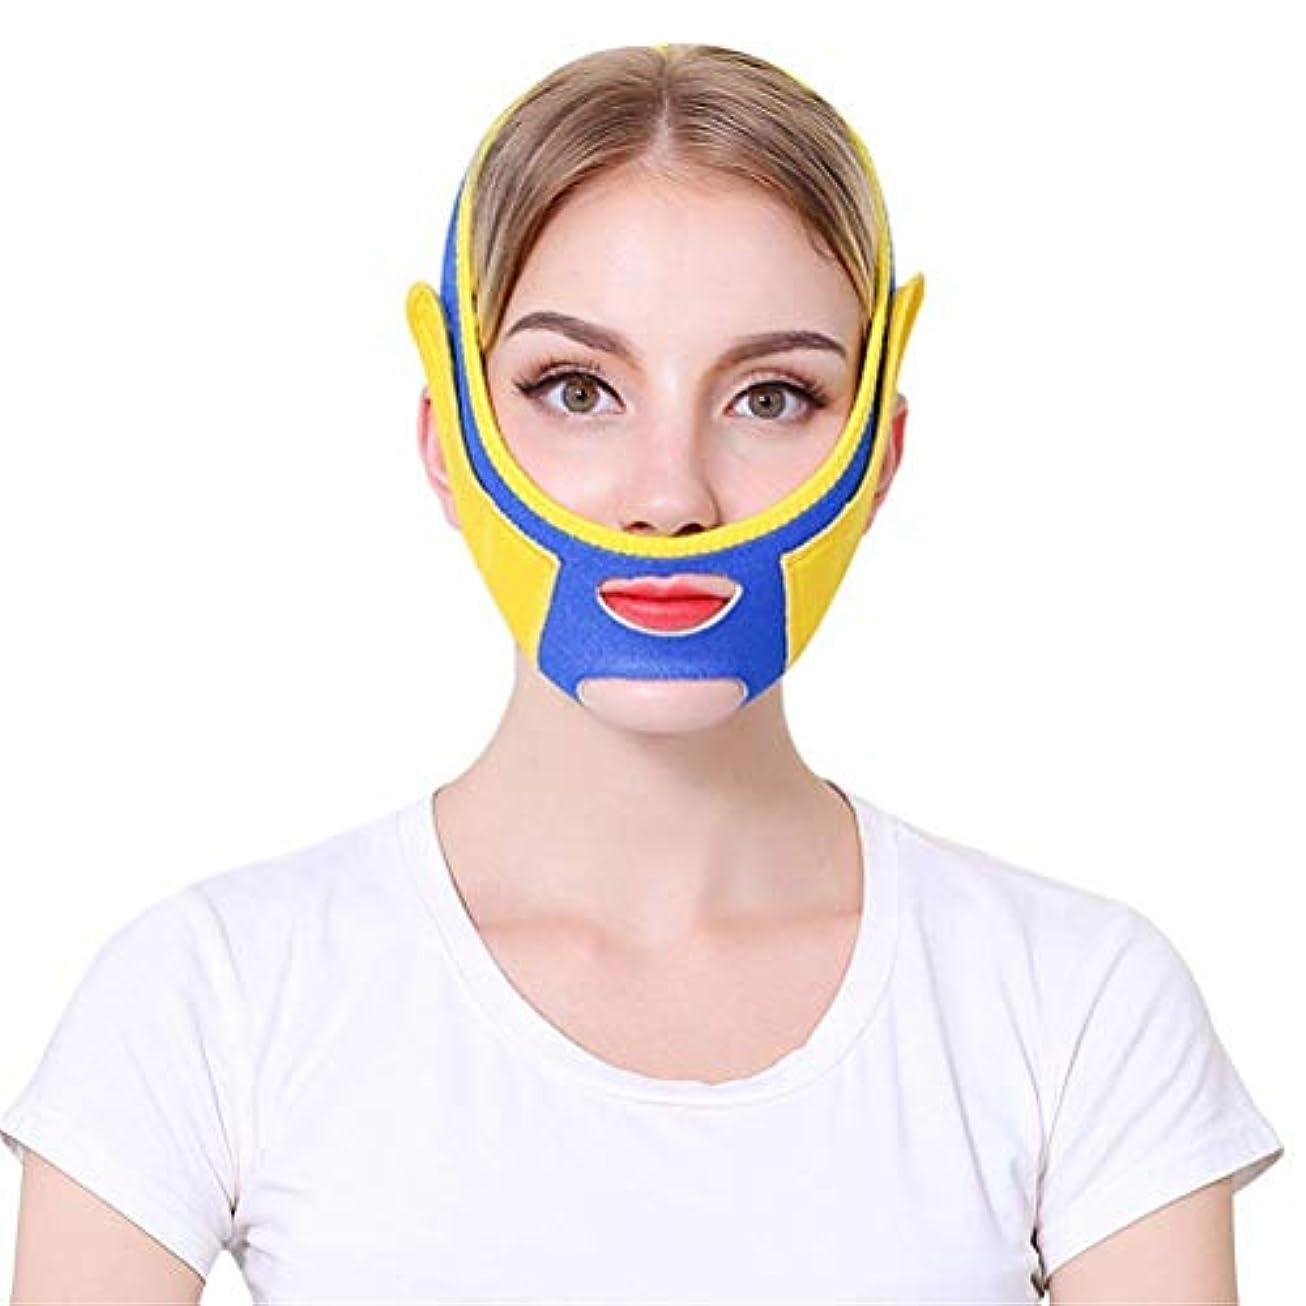 立ち向かうプラカードラグWSJTT 女性のための顔のリフティングベルト、Vラインチンチークリフトアップバンドアンチリンクル包帯、フェイスリフティング/痩身/マスク包帯/スリープシンフェイス/マスクスリミング (Color : Blue)